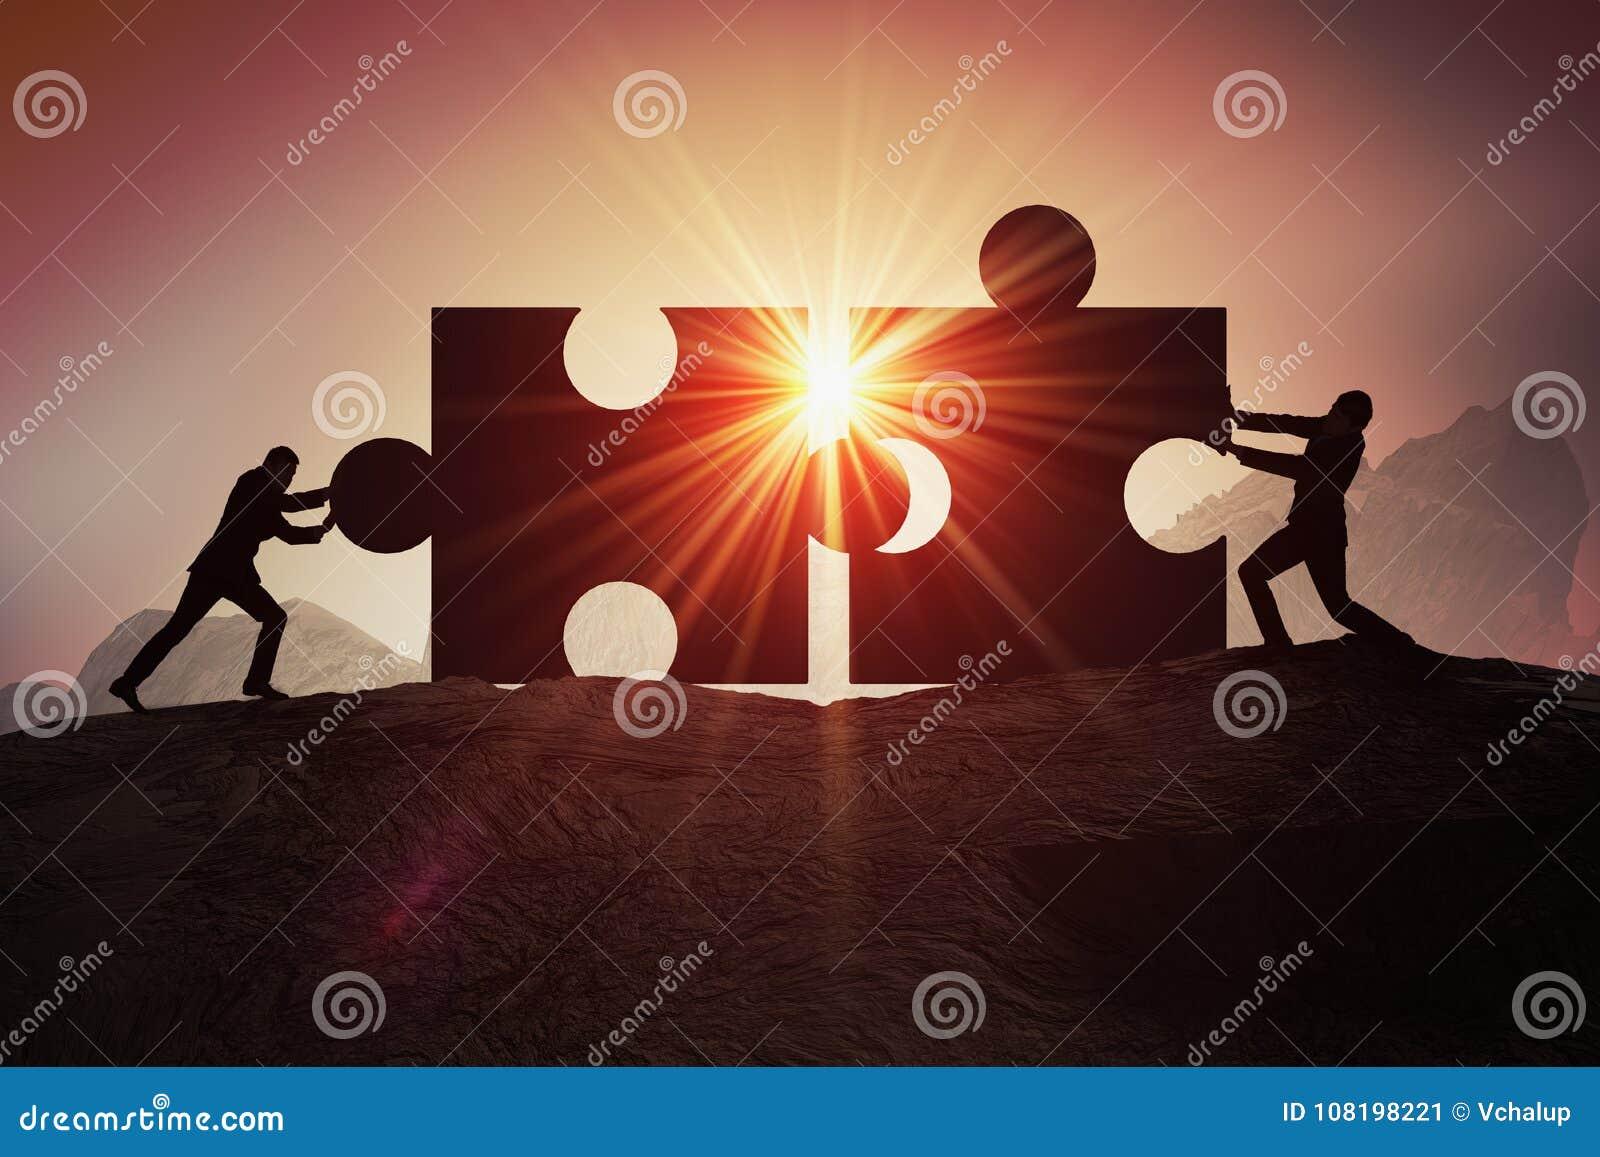 Trabajo en equipo, sociedad y concepto de la cooperación Siluetas del hombre de negocios dos que se une a dos pedazos de rompecab